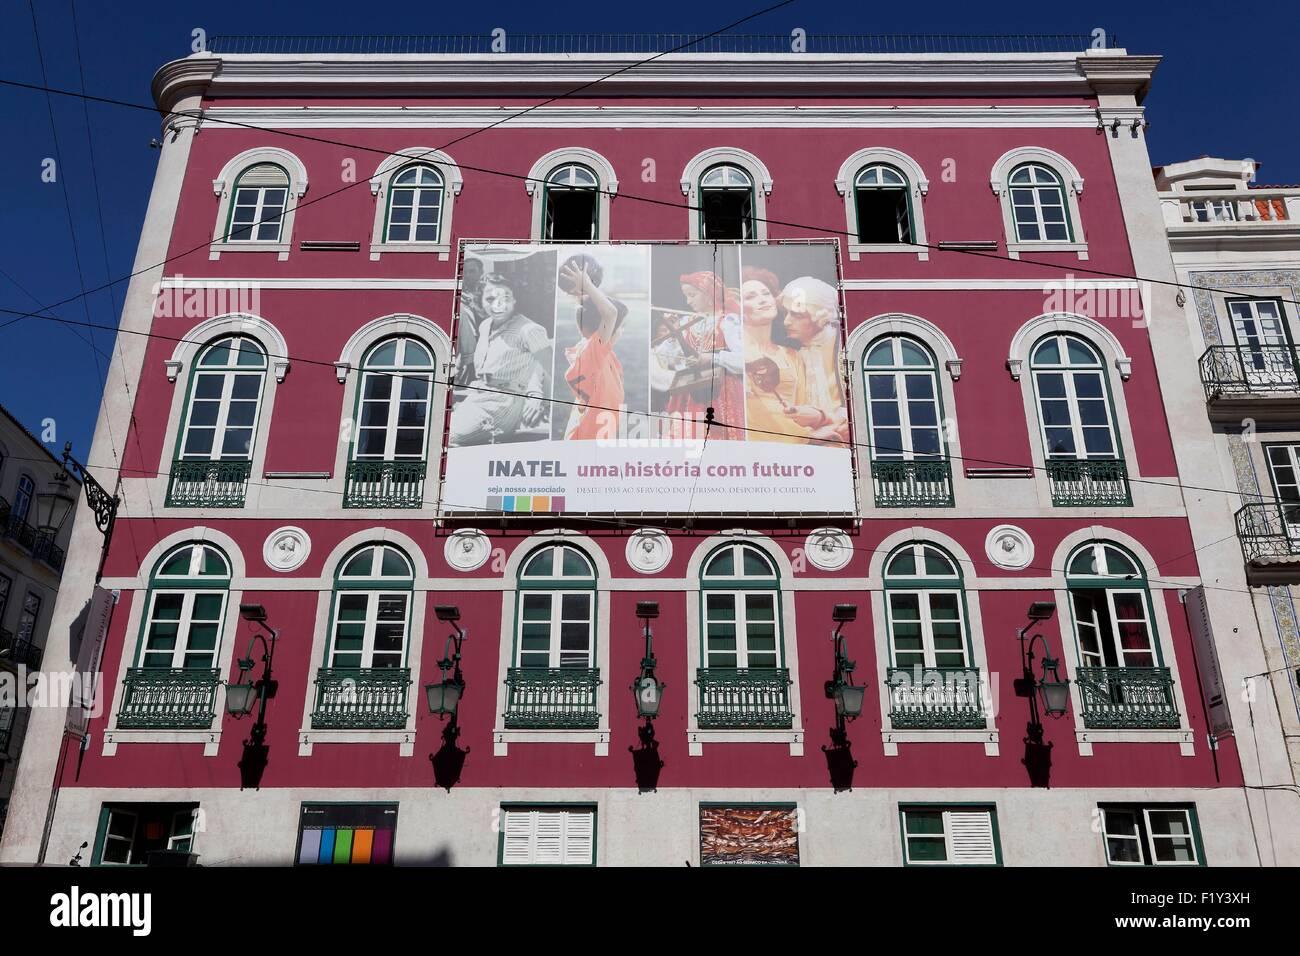 Portugal, Lisboa, Bairro Alto, la construcción de la fachada Imagen De Stock